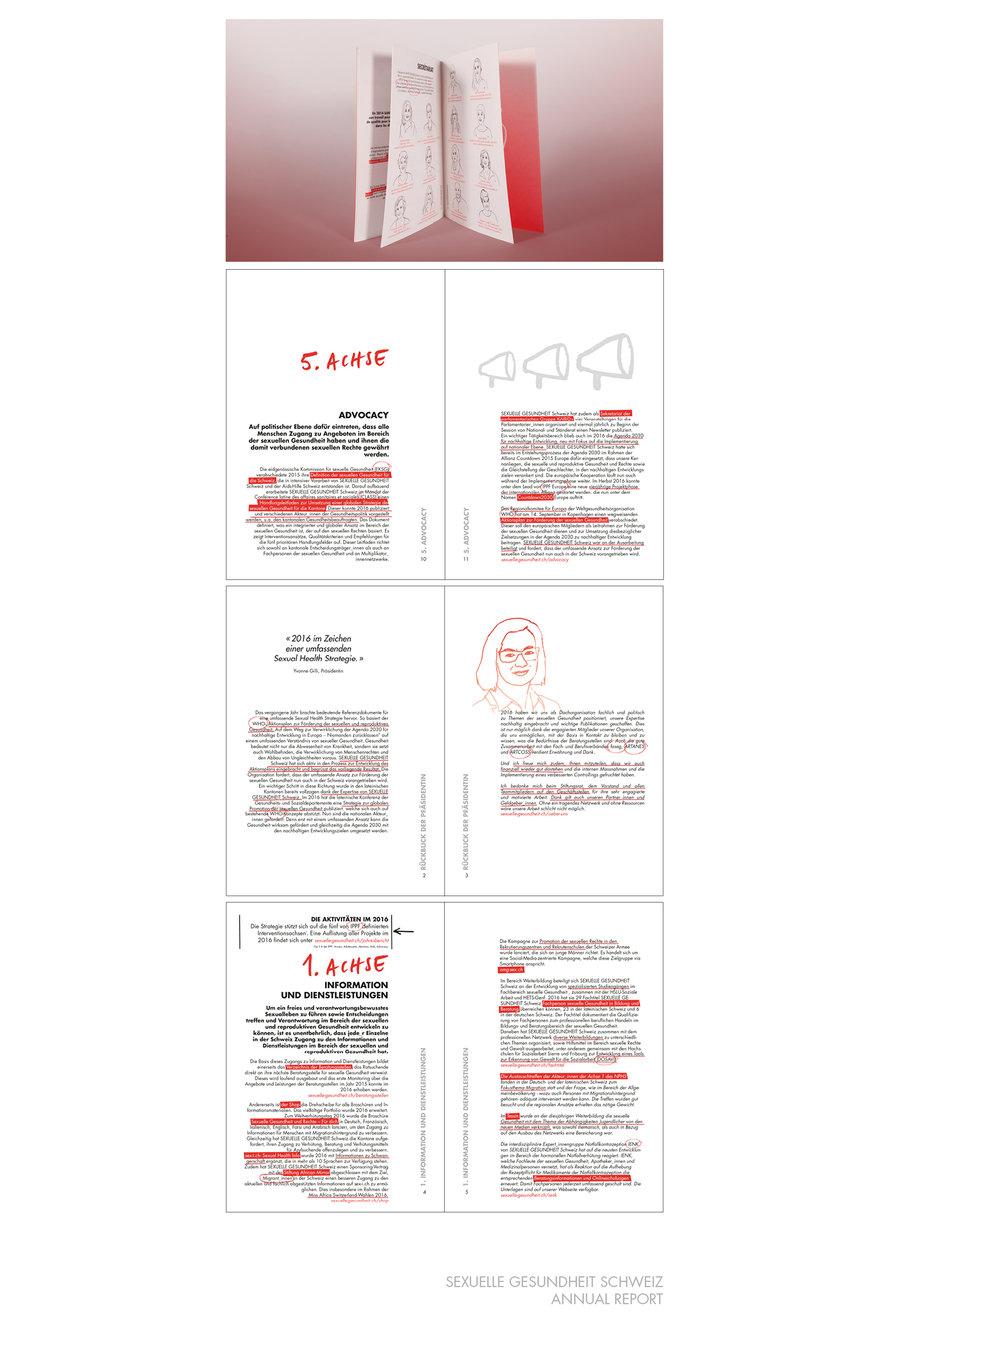 portfolio-graphicdesign-straightlayout9.jpg